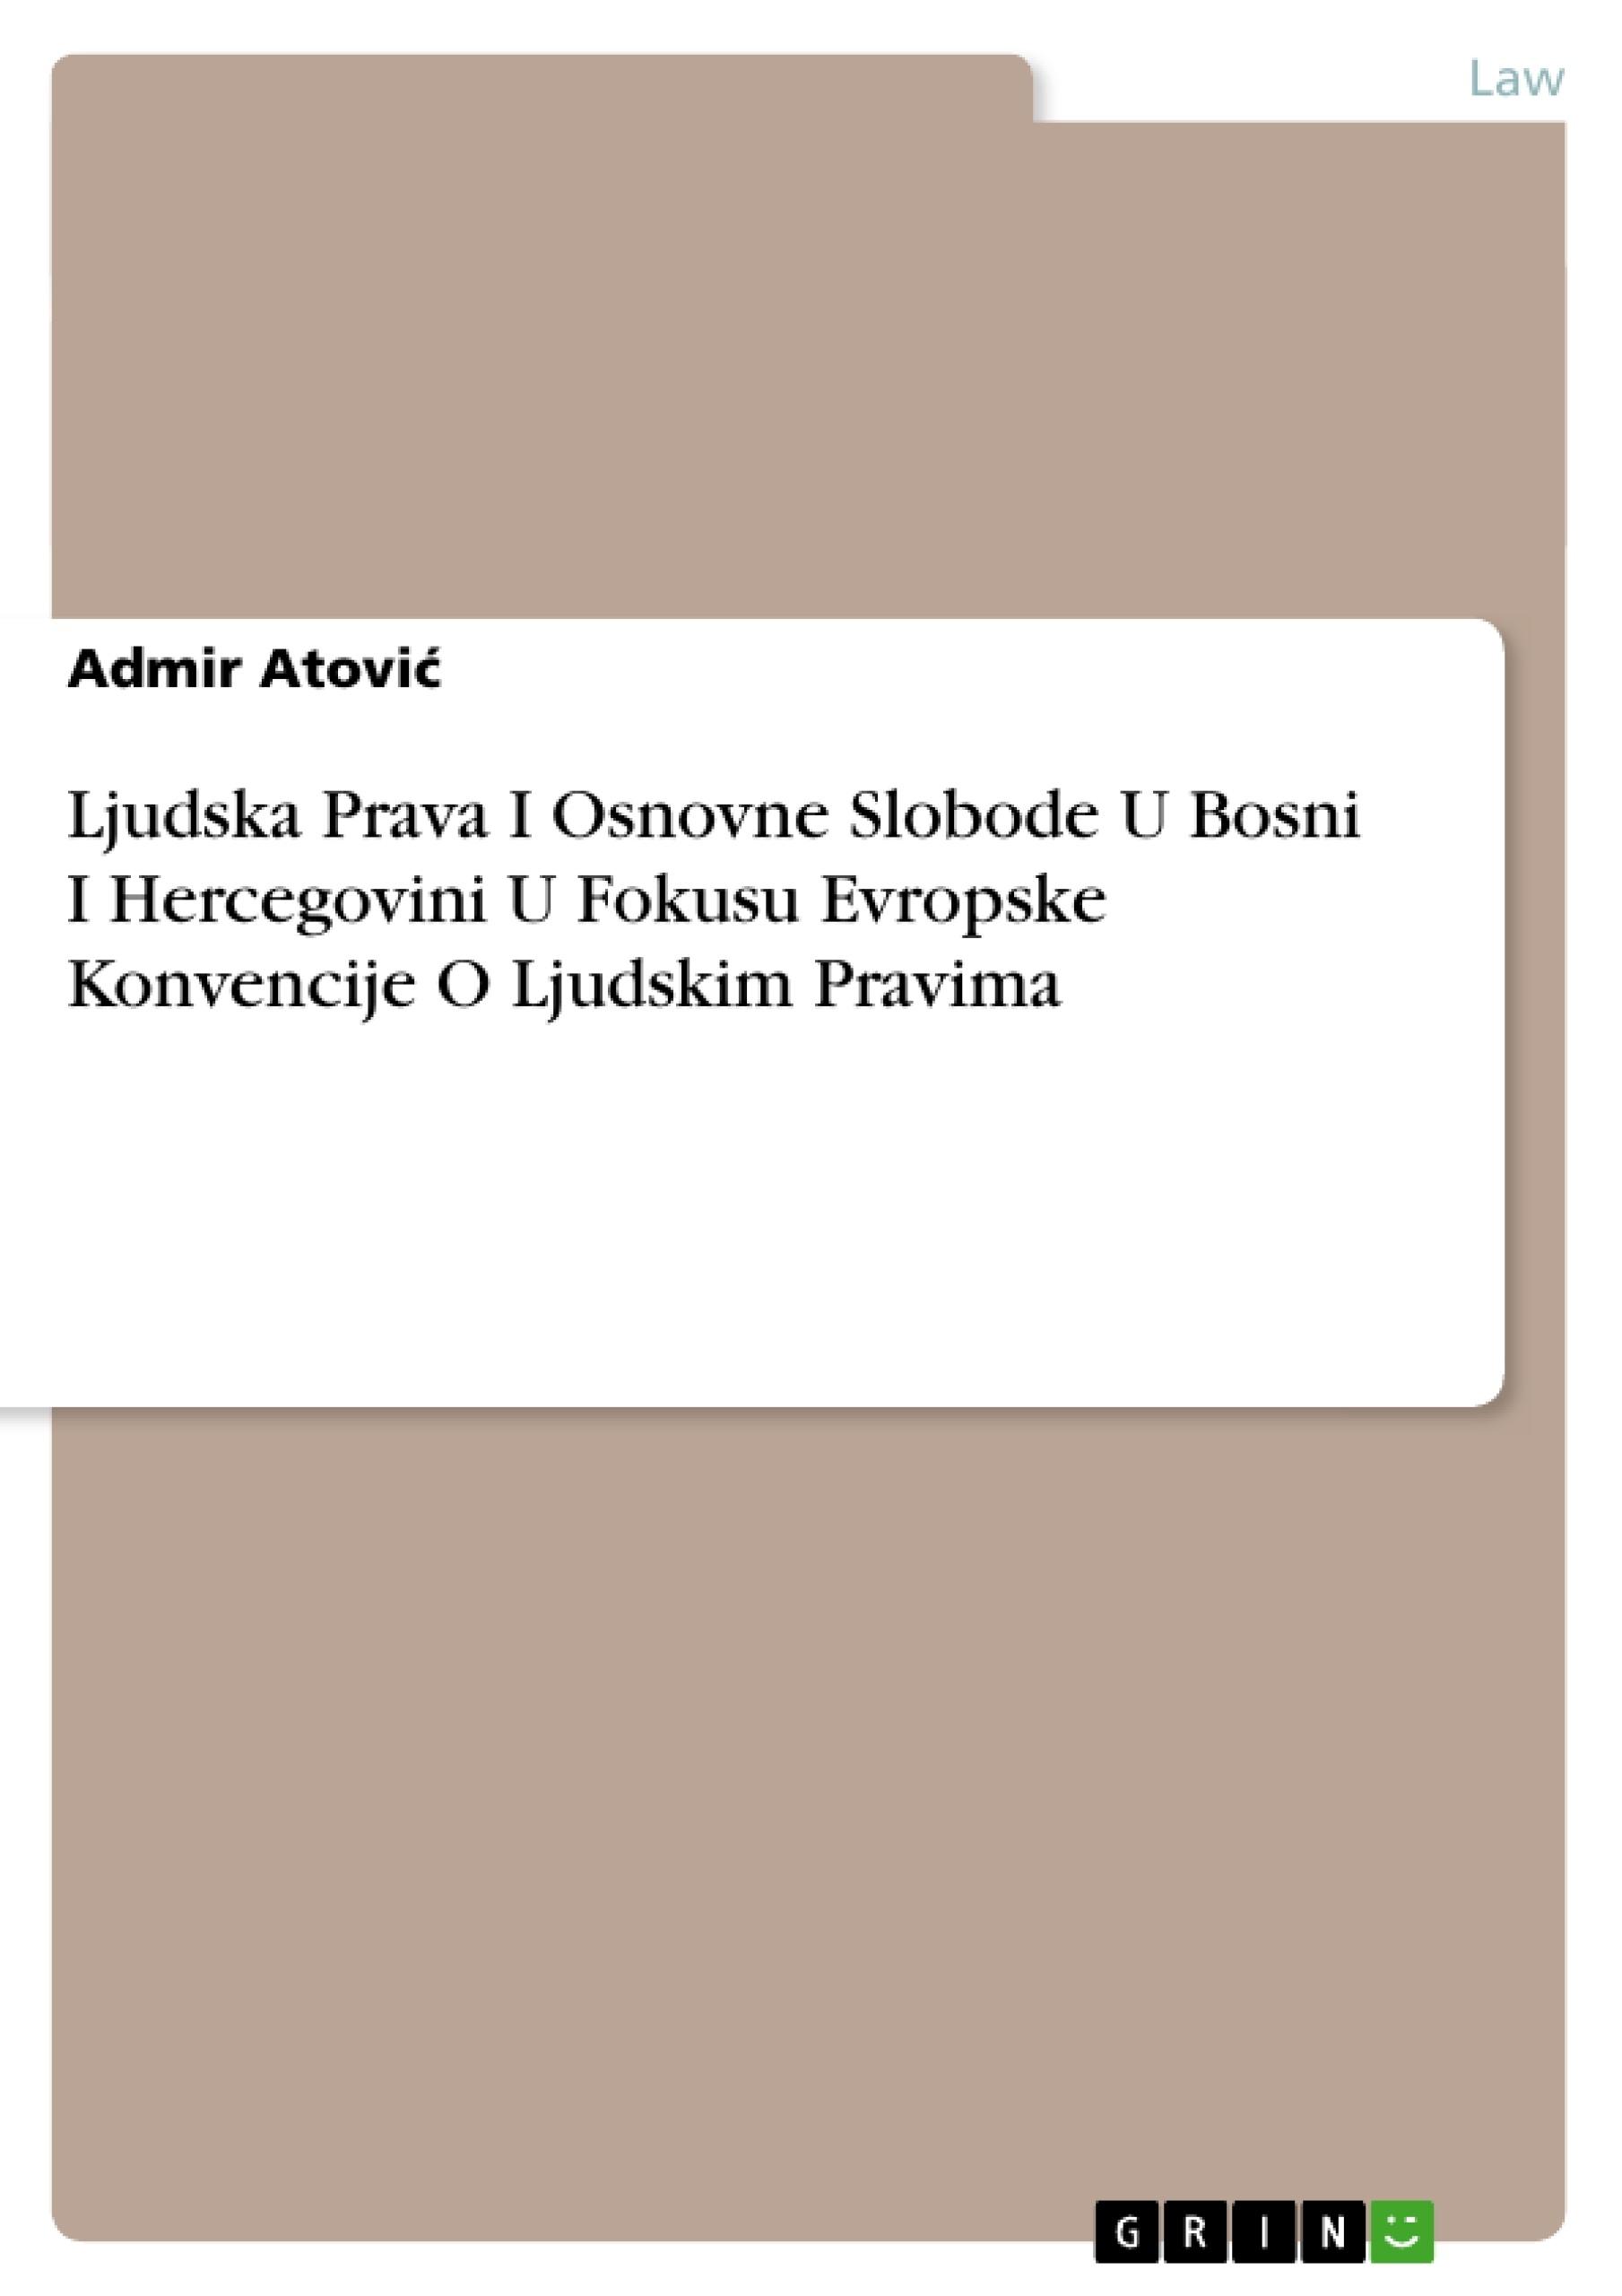 Title: Ljudska Prava I Osnovne Slobode U Bosni I Hercegovini U Fokusu Evropske Konvencije O Ljudskim Pravima